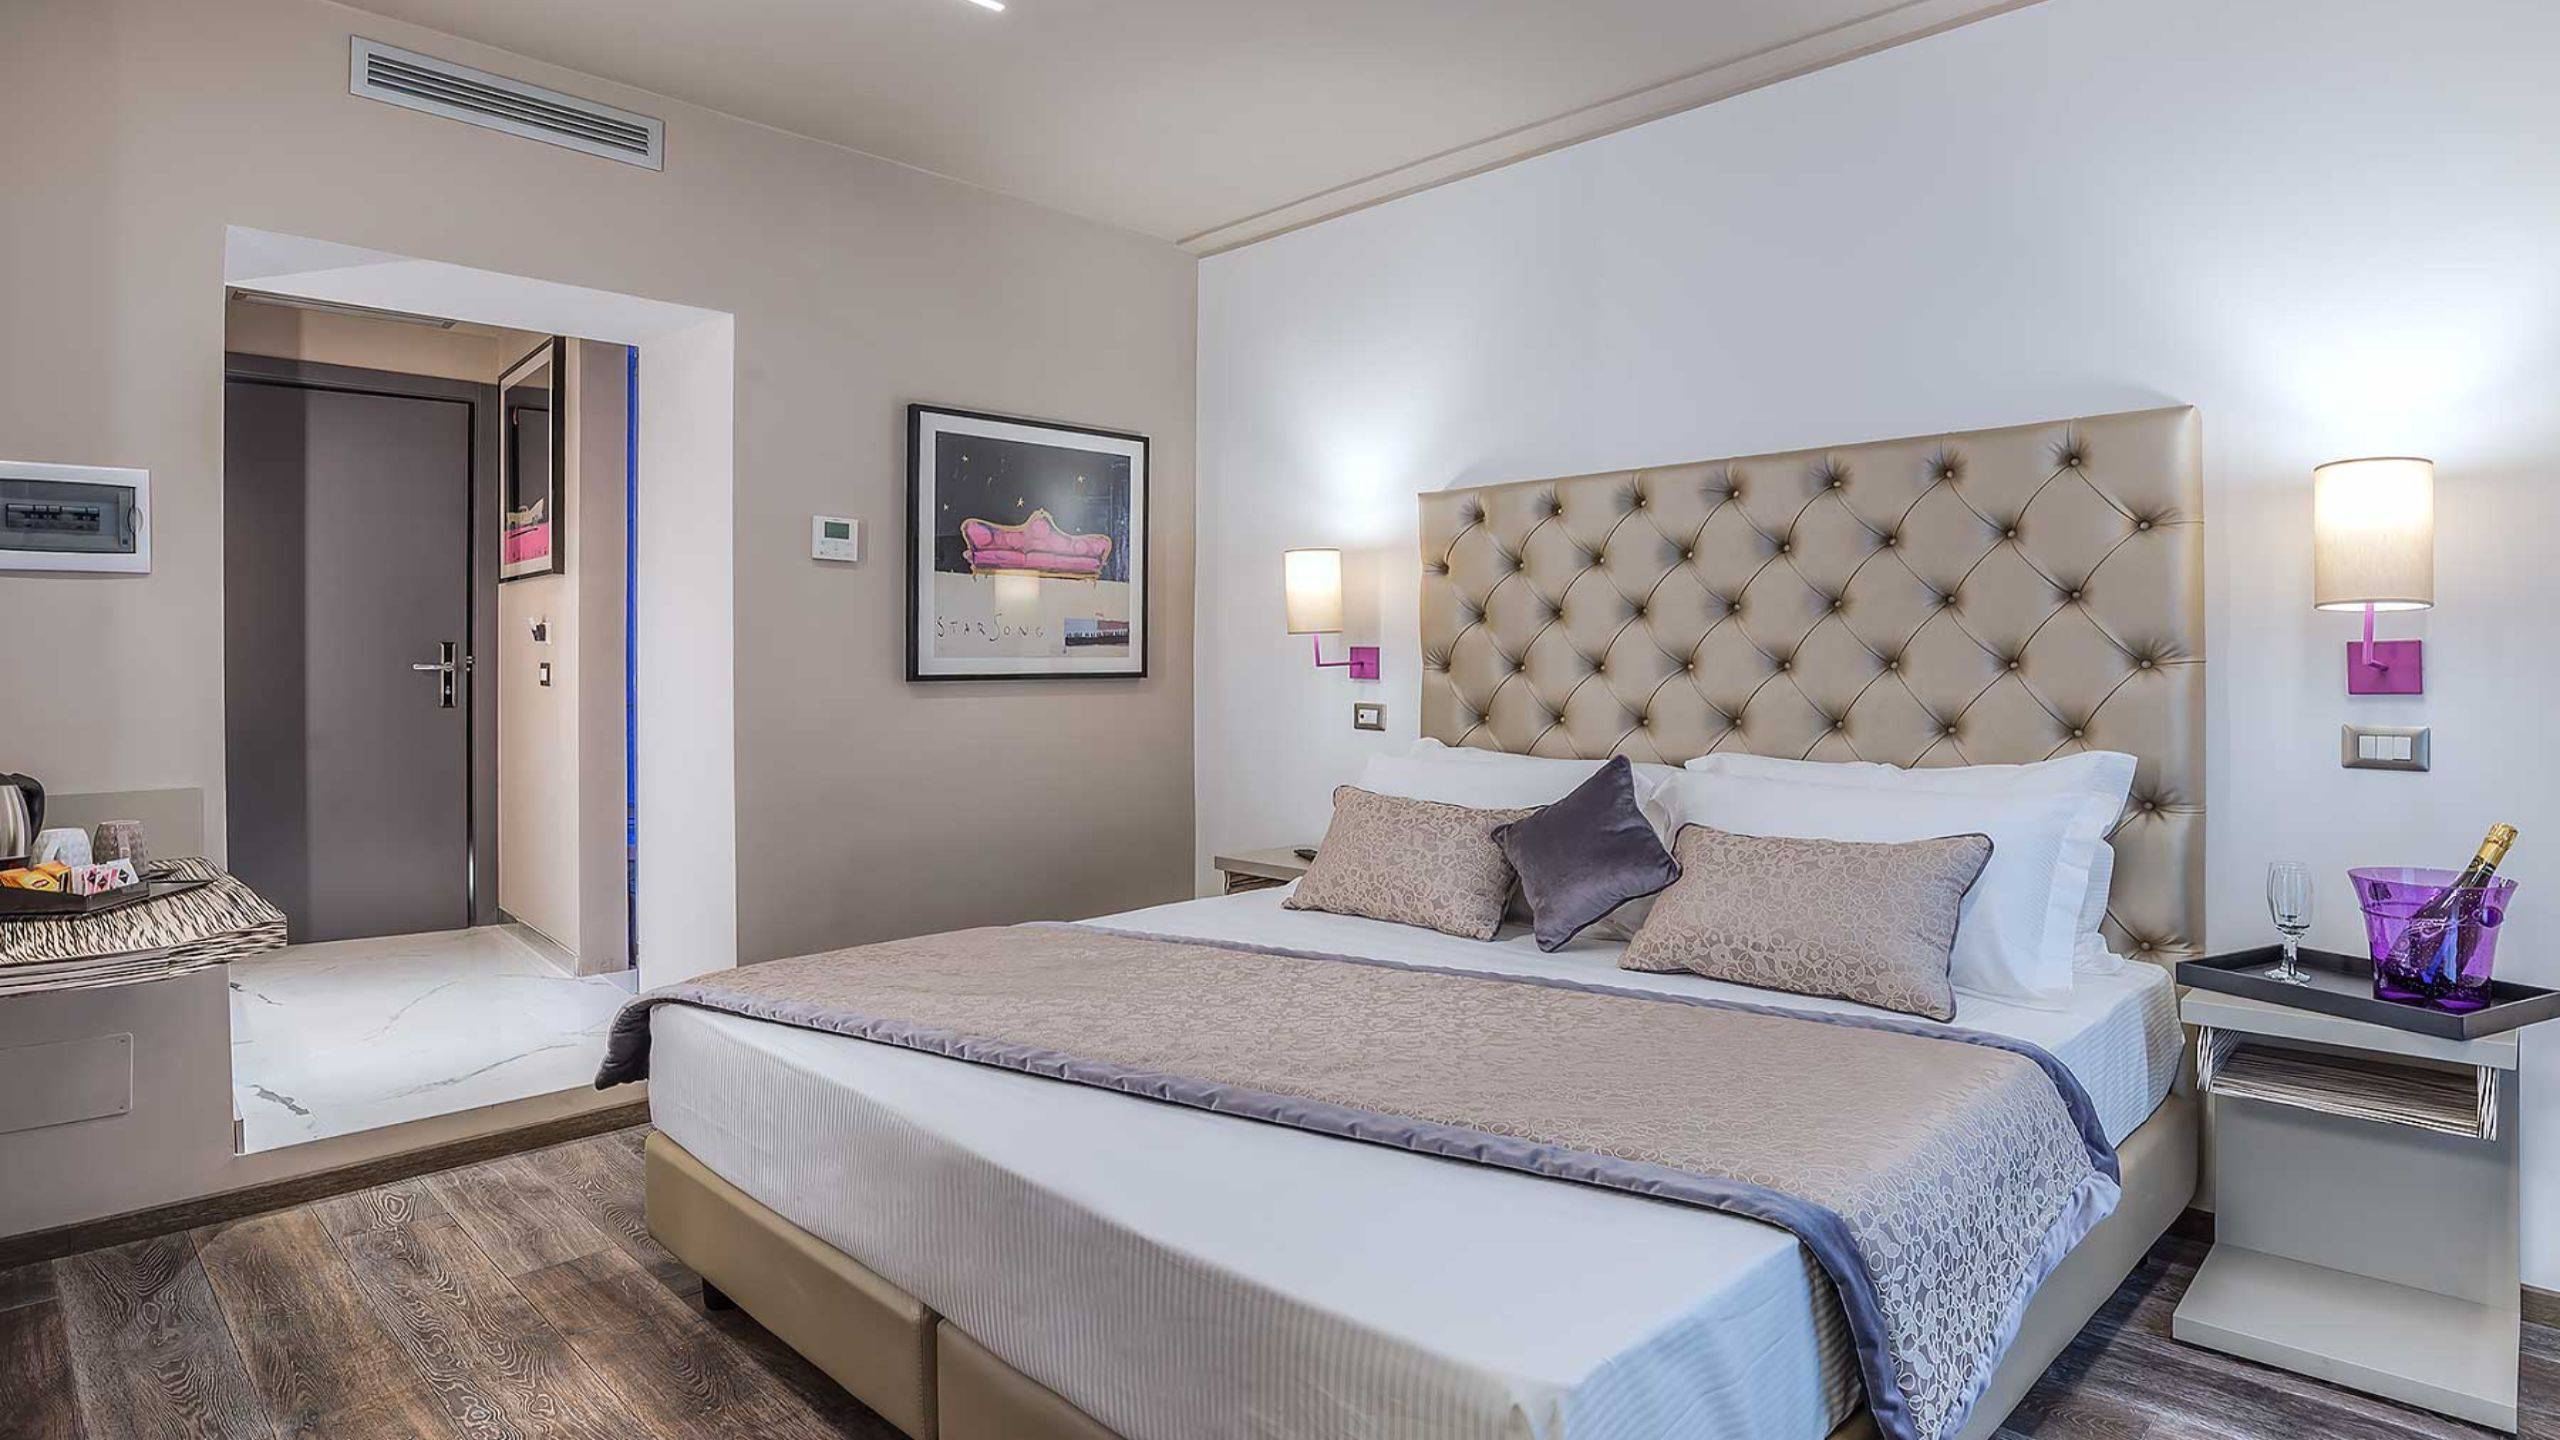 Colonna-suite-del-corso-rome-family-room-bed-303a-11